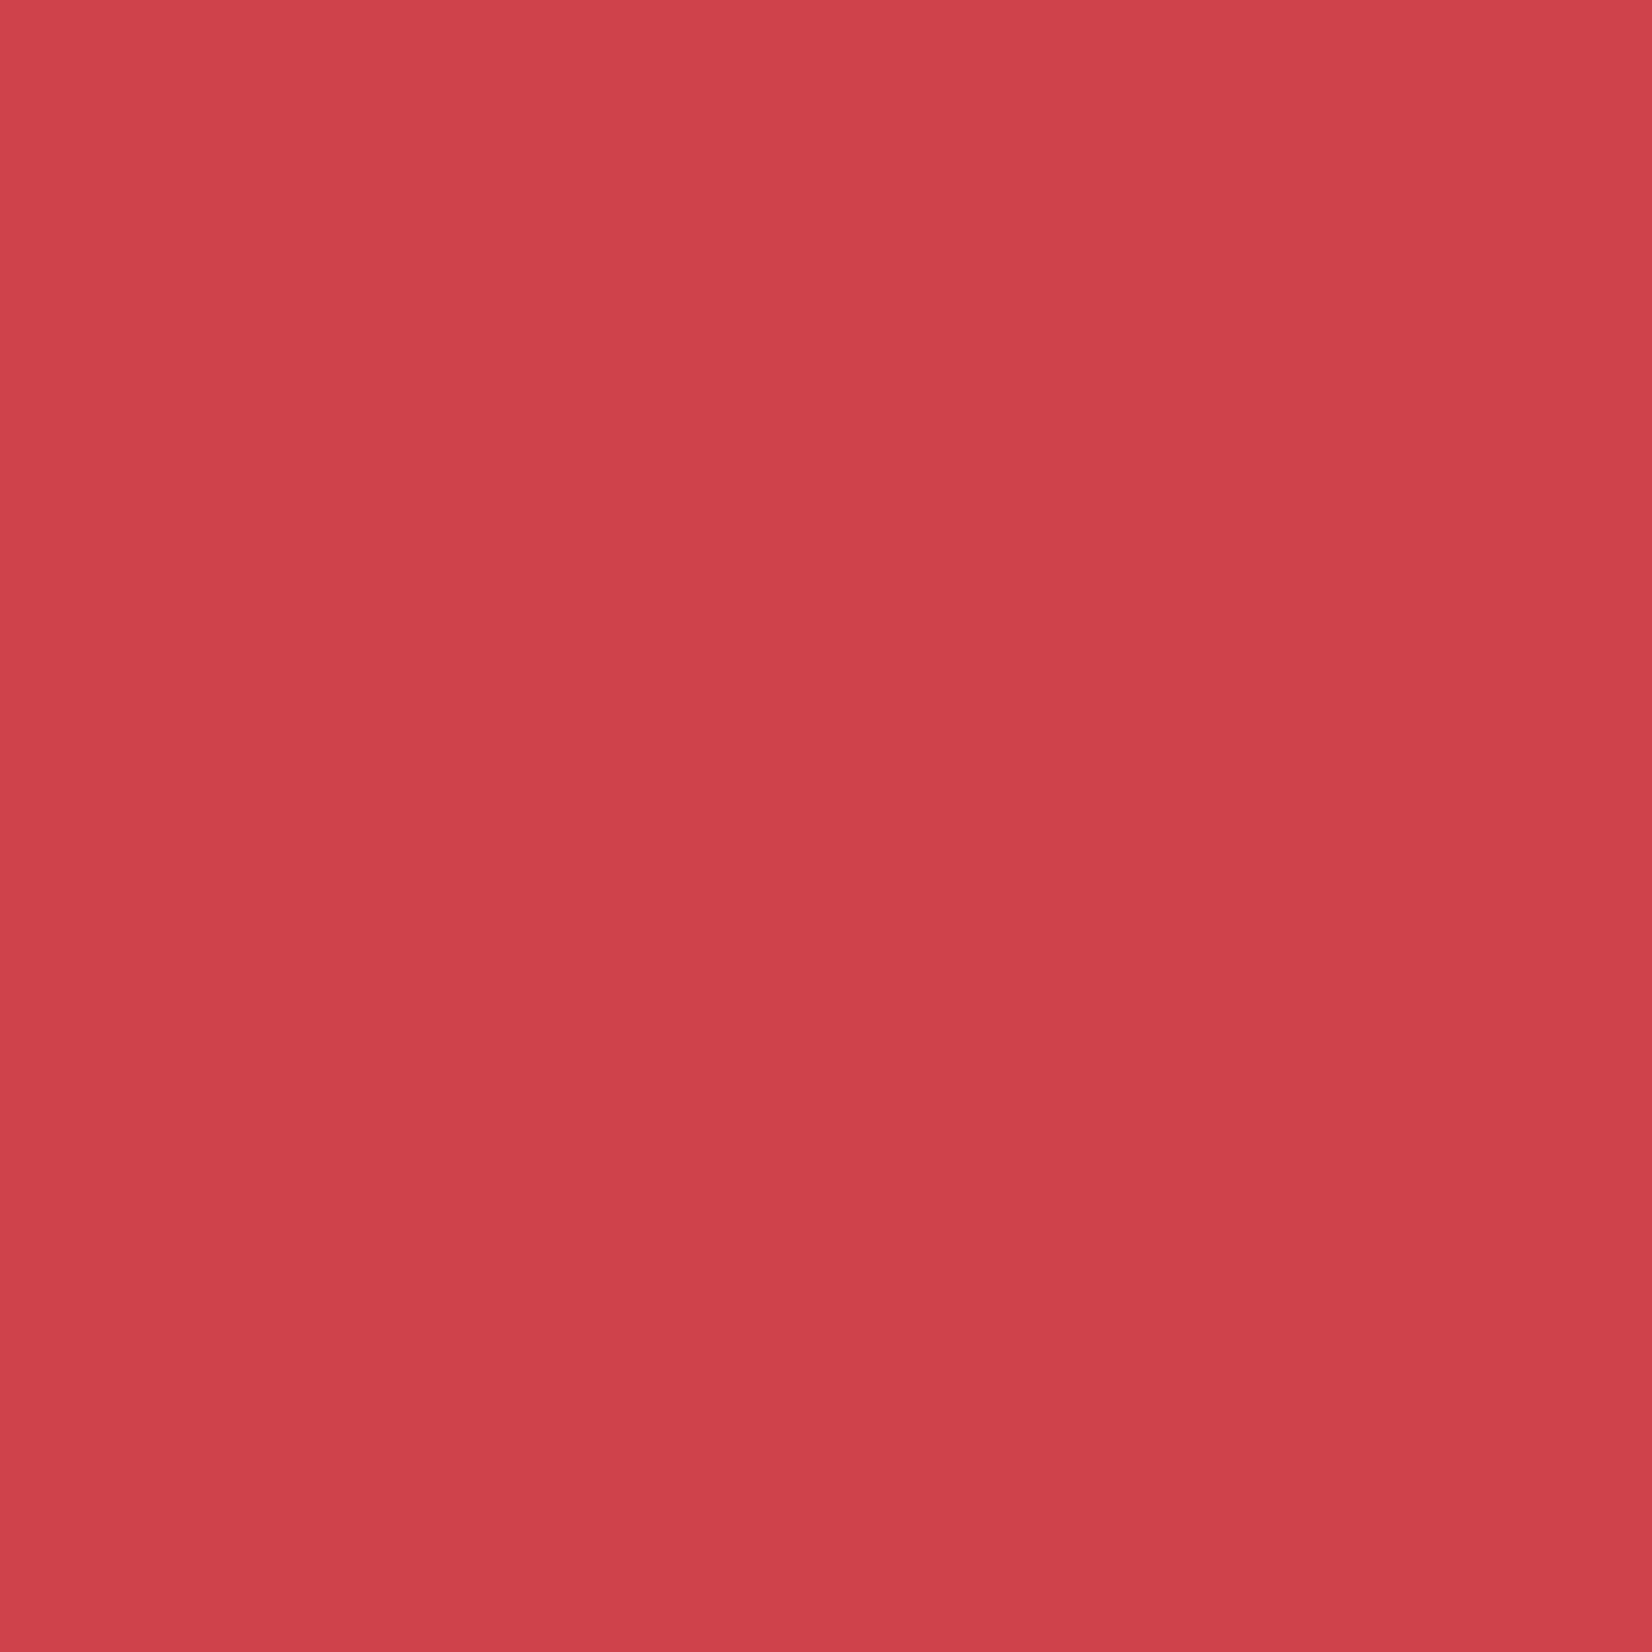 Andover CENTURY SOLIDS - RED -  PER CM OR $14/M